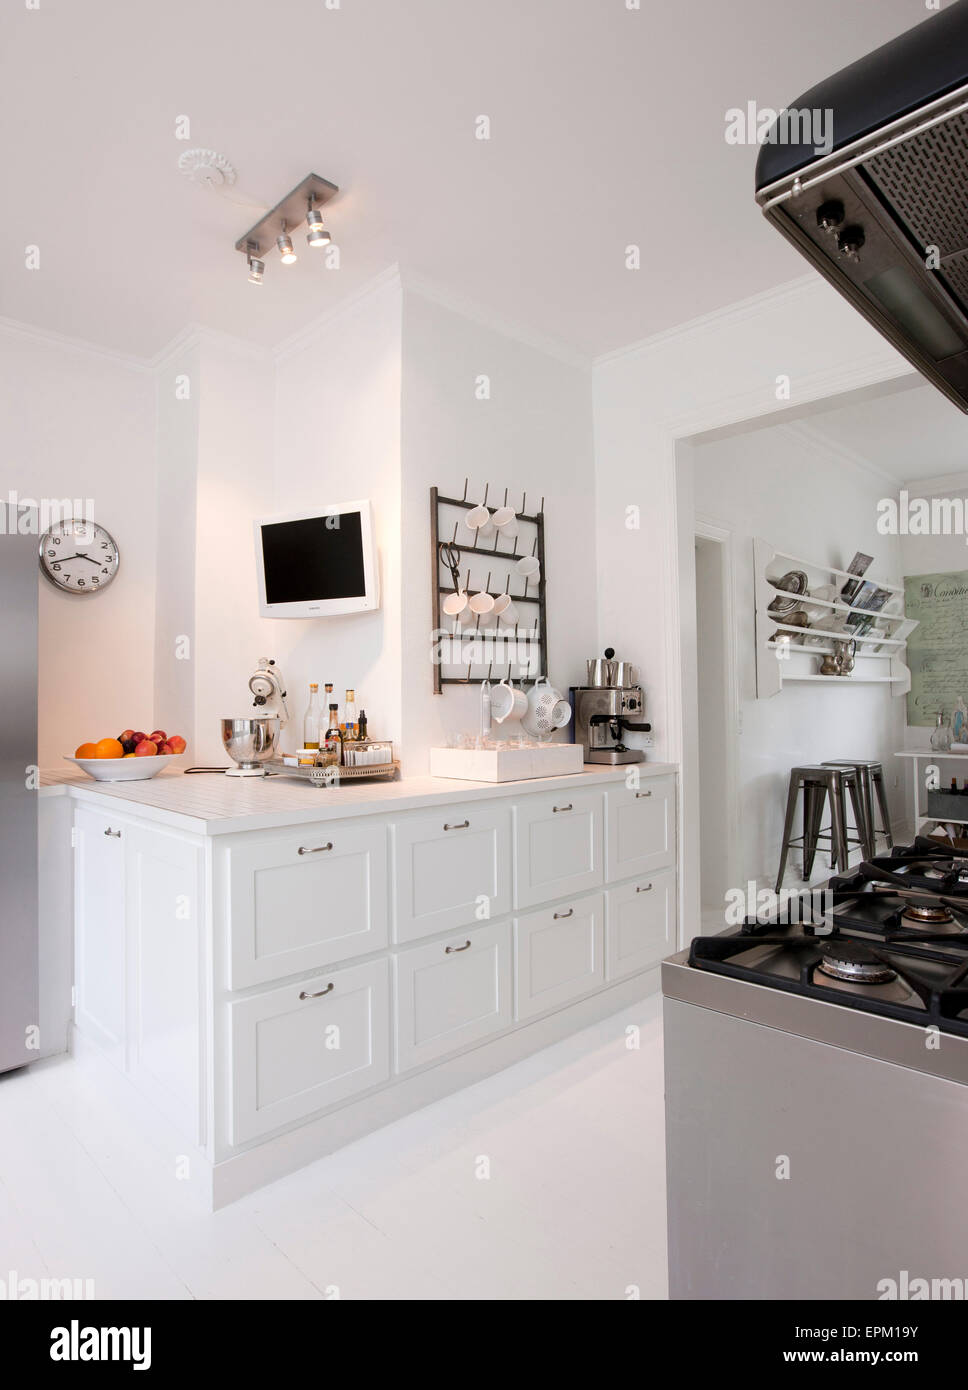 Weiße Küche mit Herd und Wand montiert TV in Hanne Davidsen ...